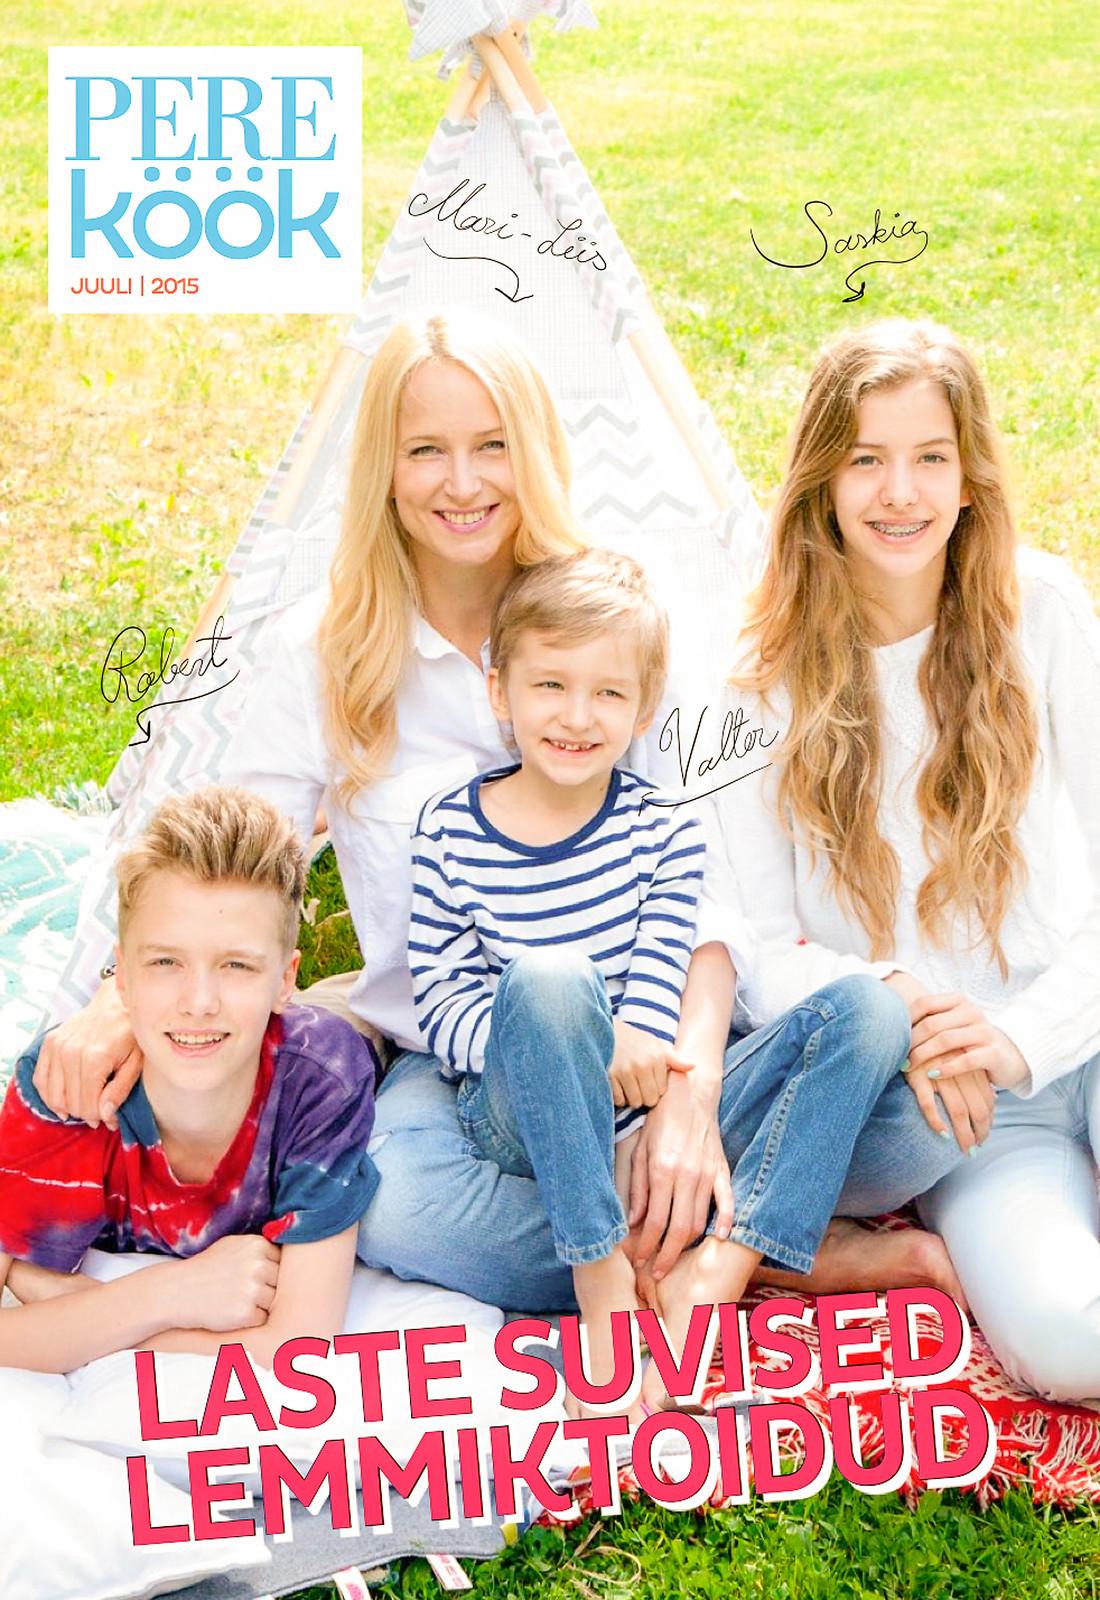 pereköök, juuli 2015